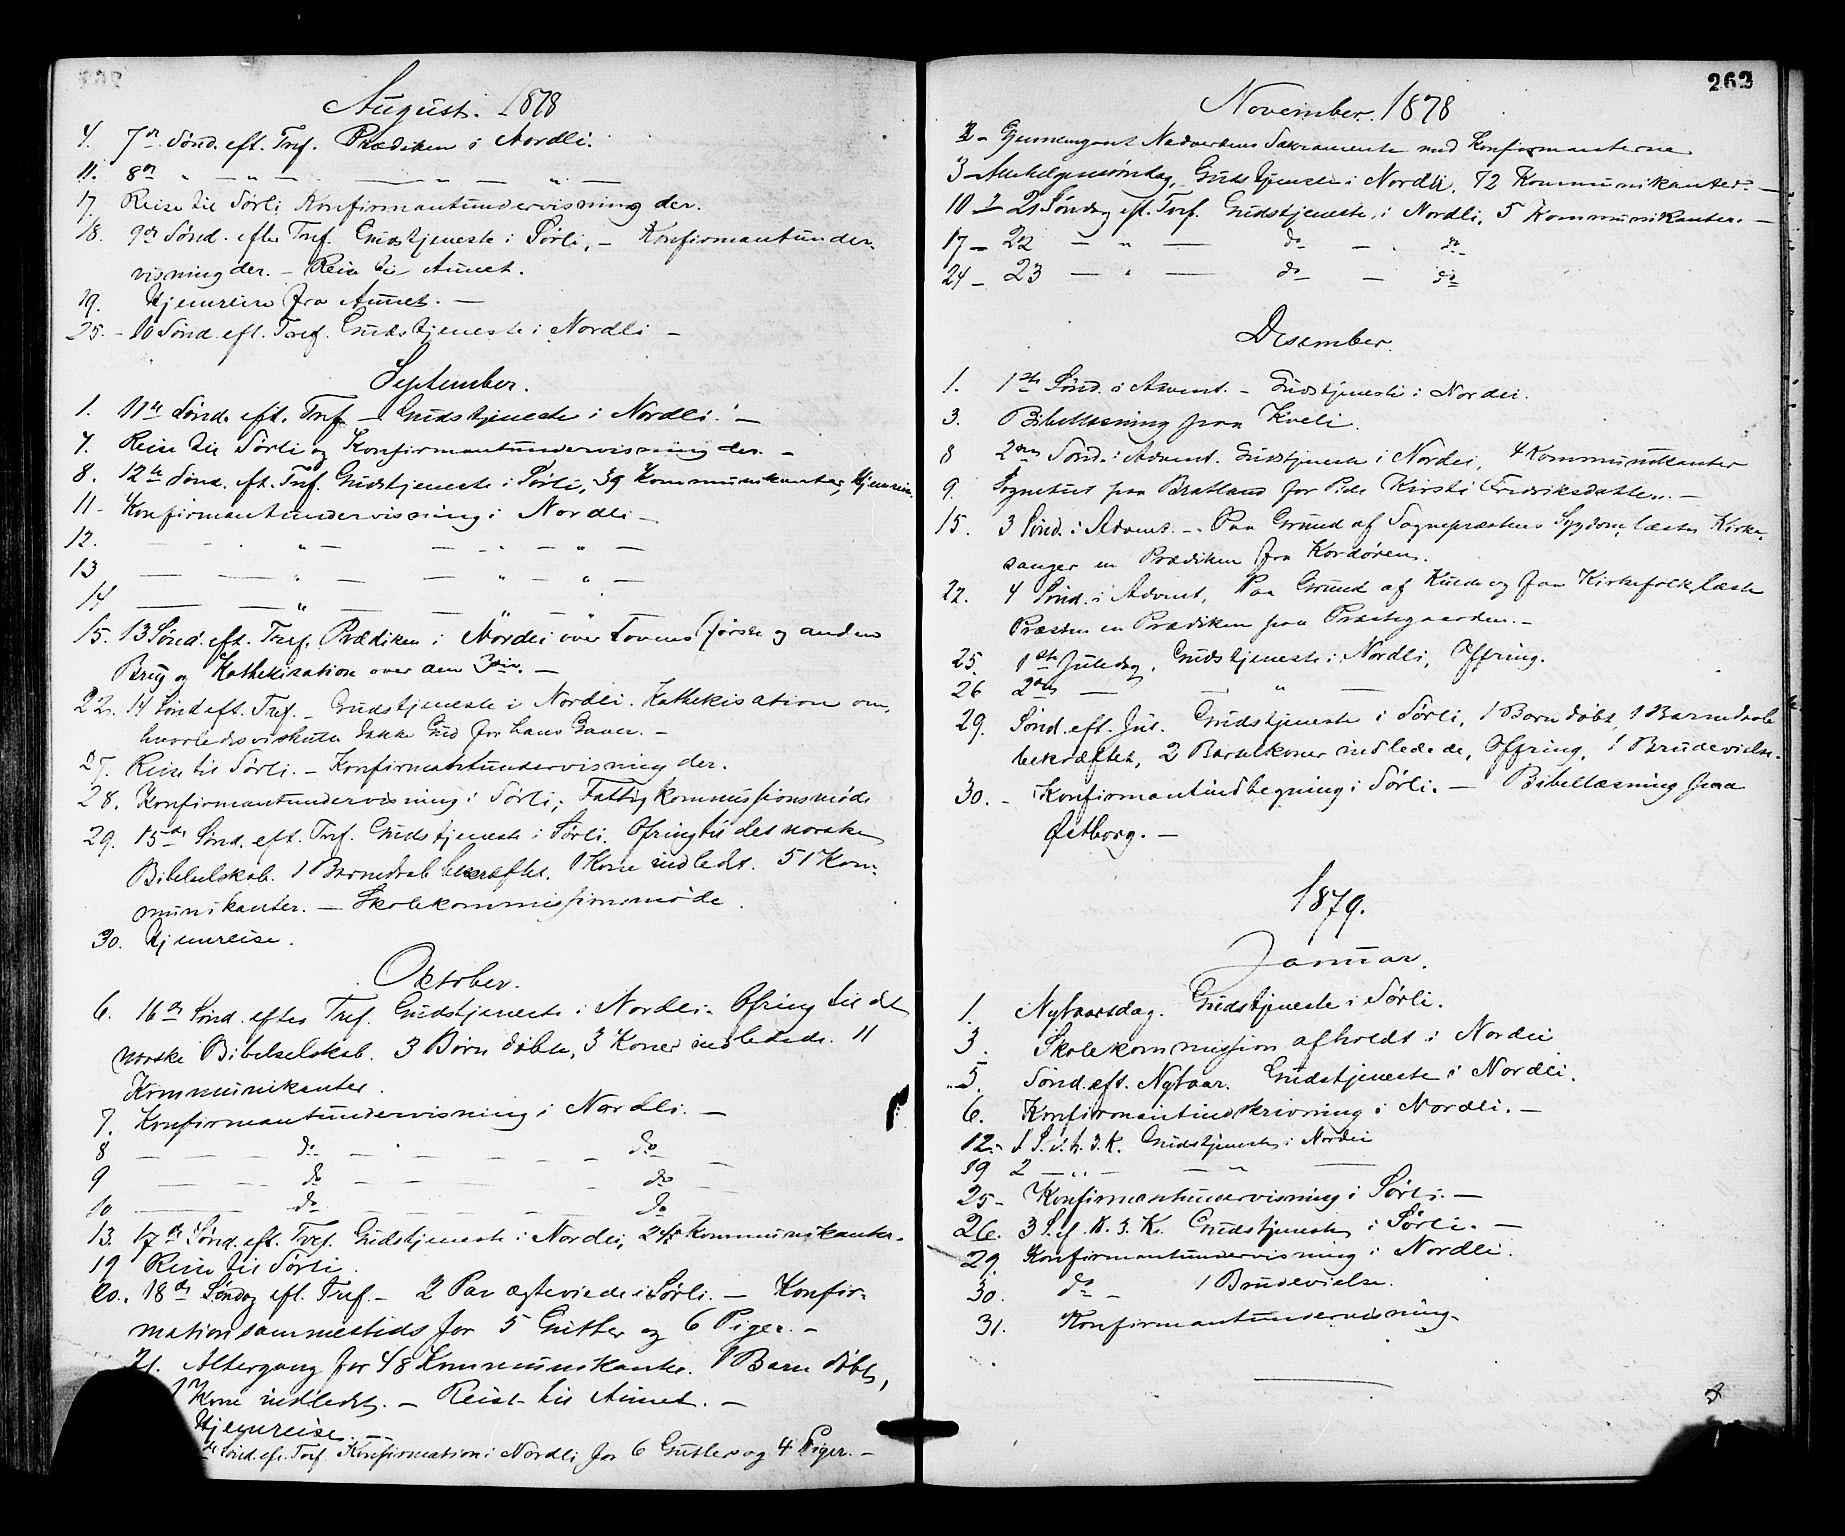 SAT, Ministerialprotokoller, klokkerbøker og fødselsregistre - Nord-Trøndelag, 755/L0493: Ministerialbok nr. 755A02, 1865-1881, s. 262